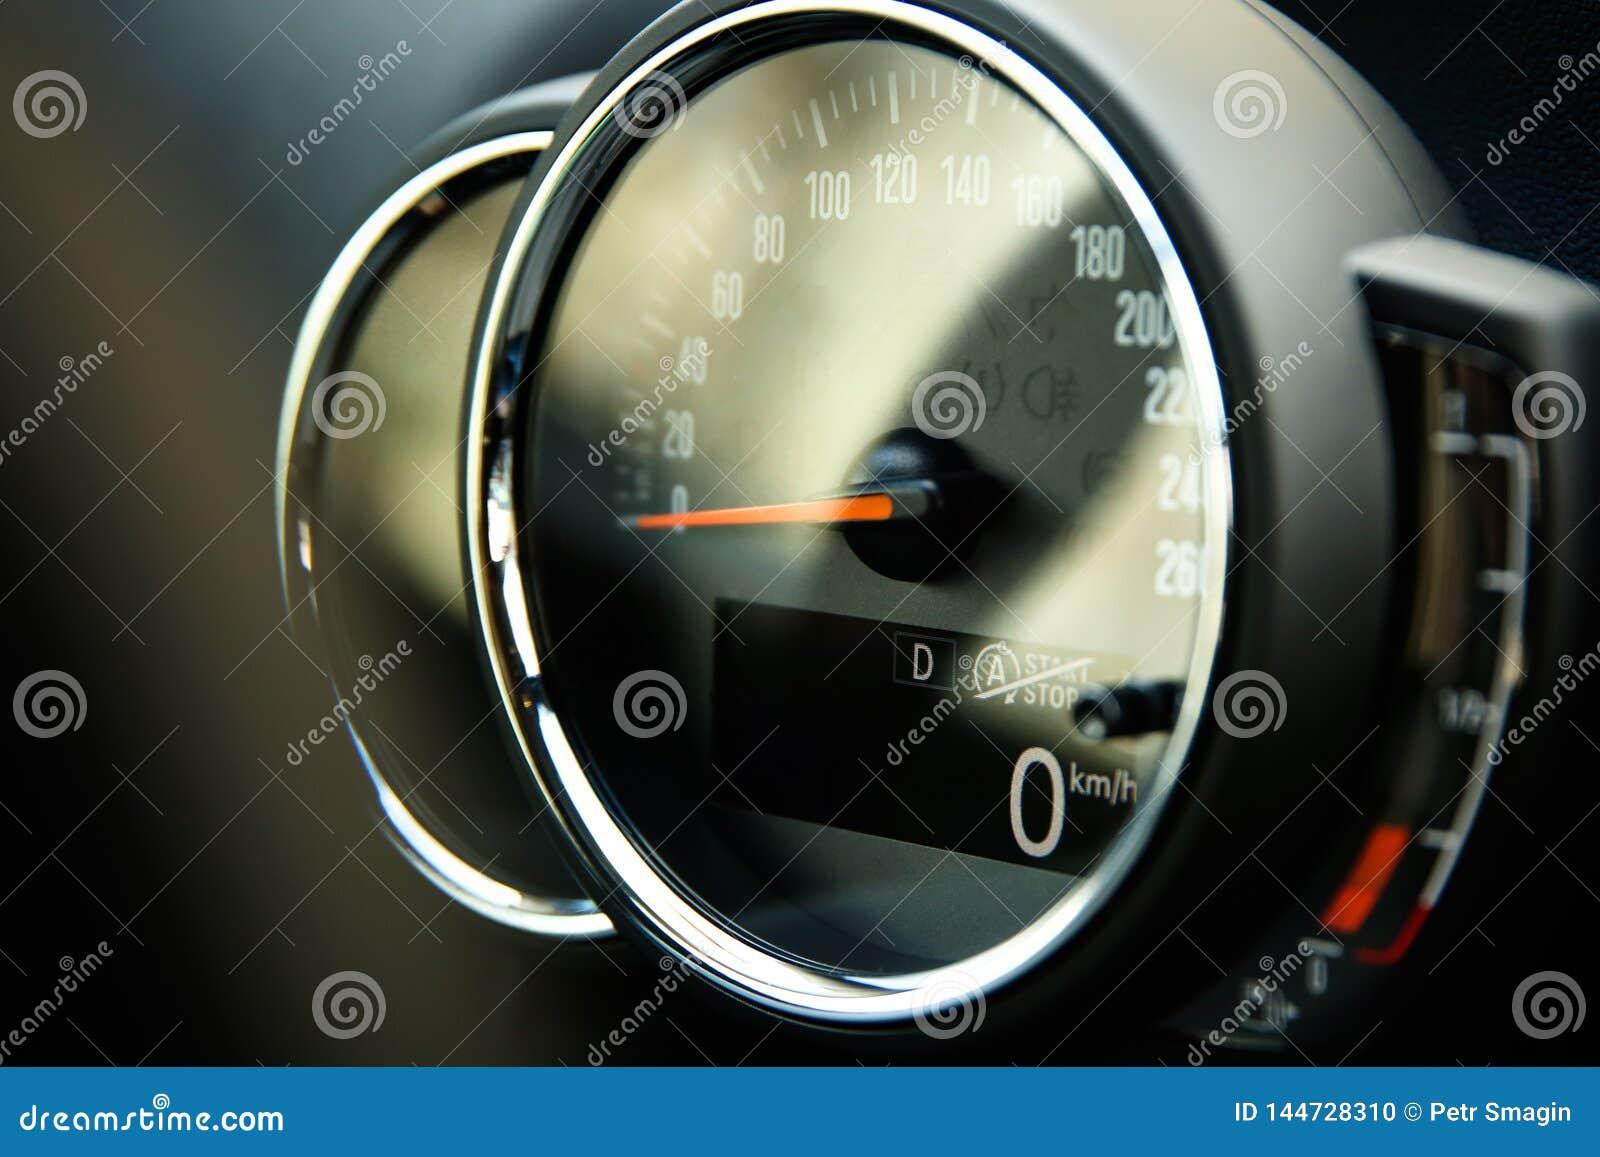 Velocímetro análogo com a tela digital no close-up do carro